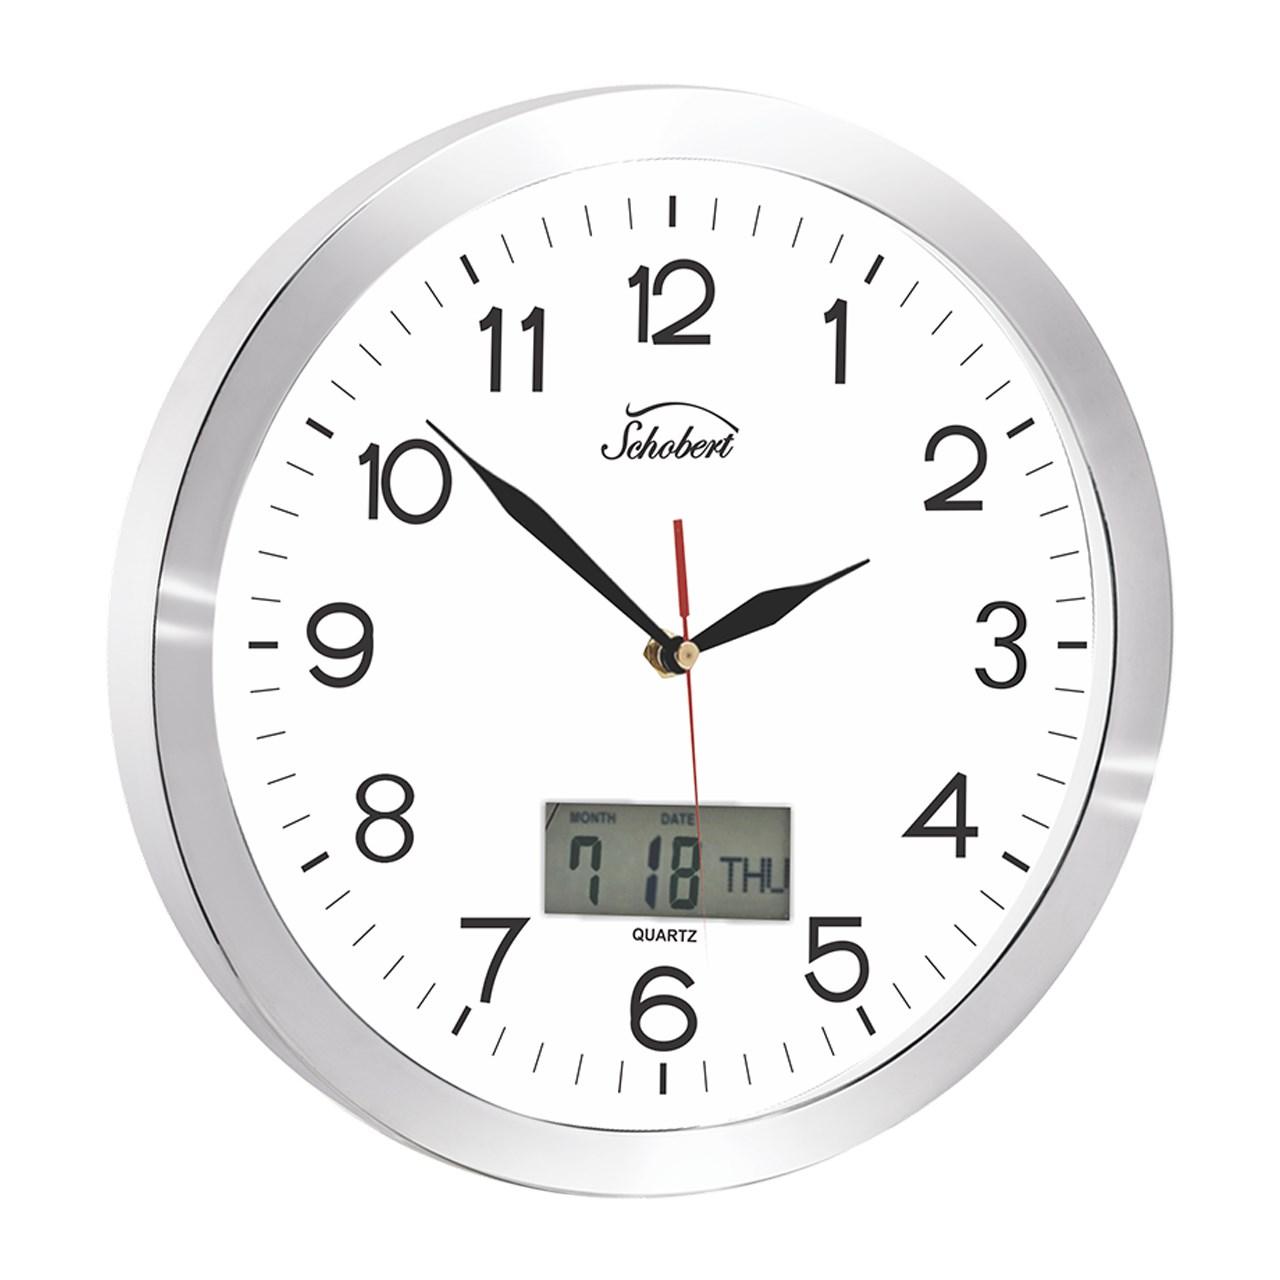 ساعت دیواری شوبرت مدل 5166c2